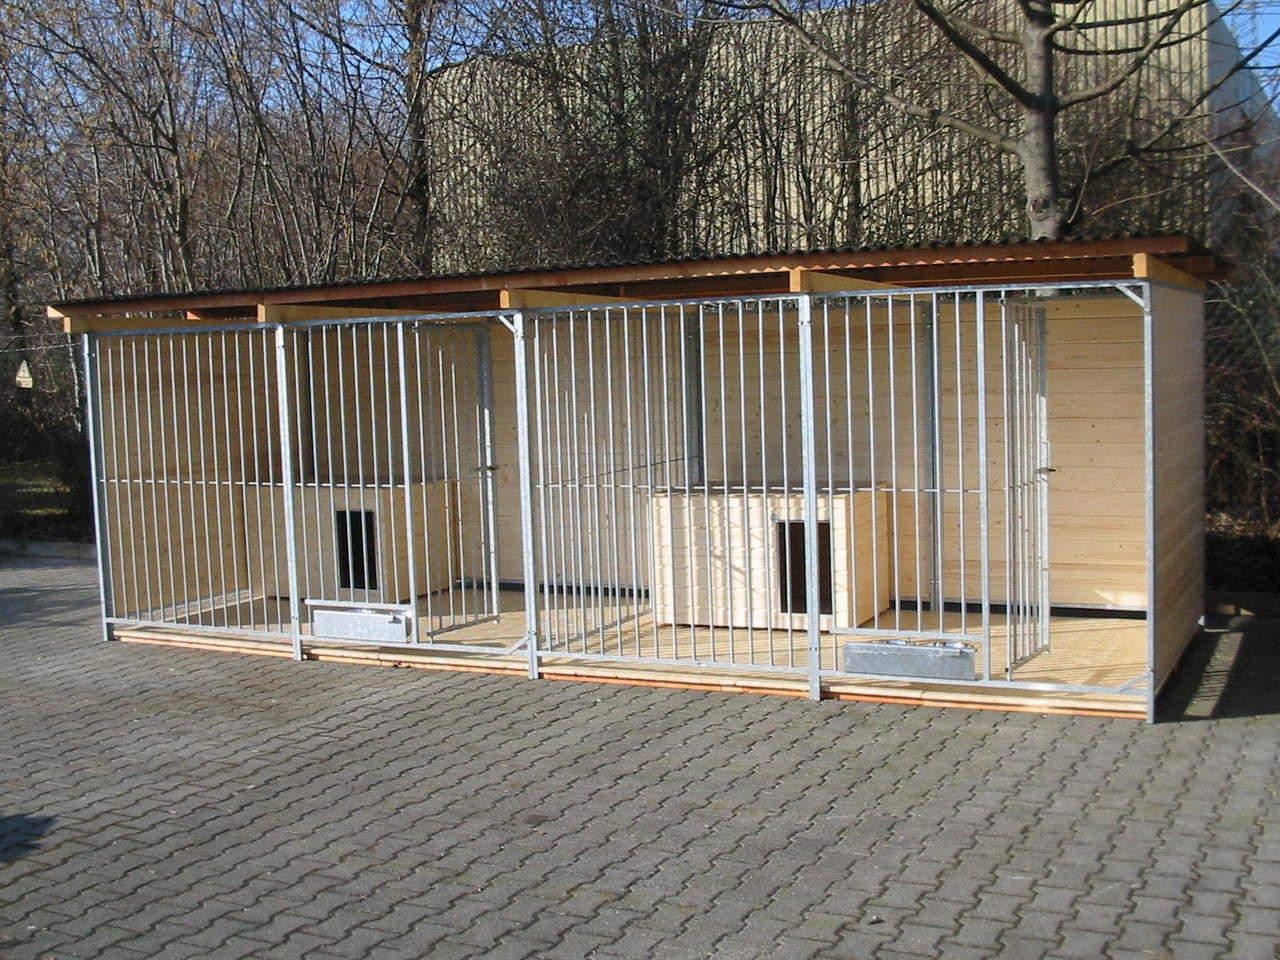 Sonderserie Doppelzwinger 2x4 m mit Zusatzausstattung gegen Aufpreis: Holzboden, 2 Hundehütten und ausschwenkbare Futtersets